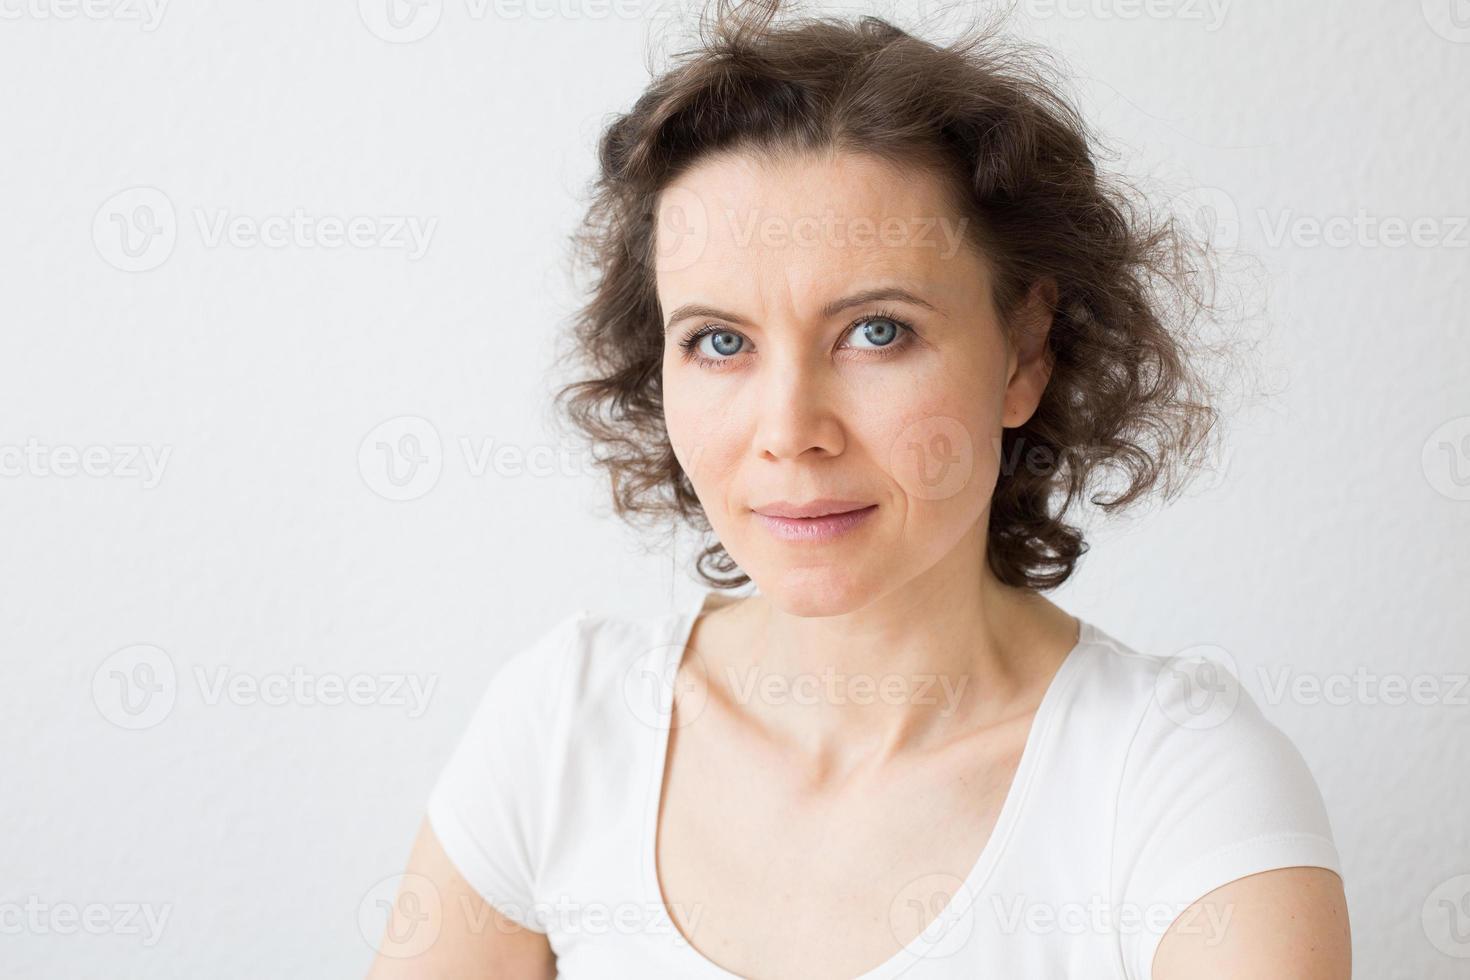 mulher de cabelos castanhos, olhar atento para a câmera foto